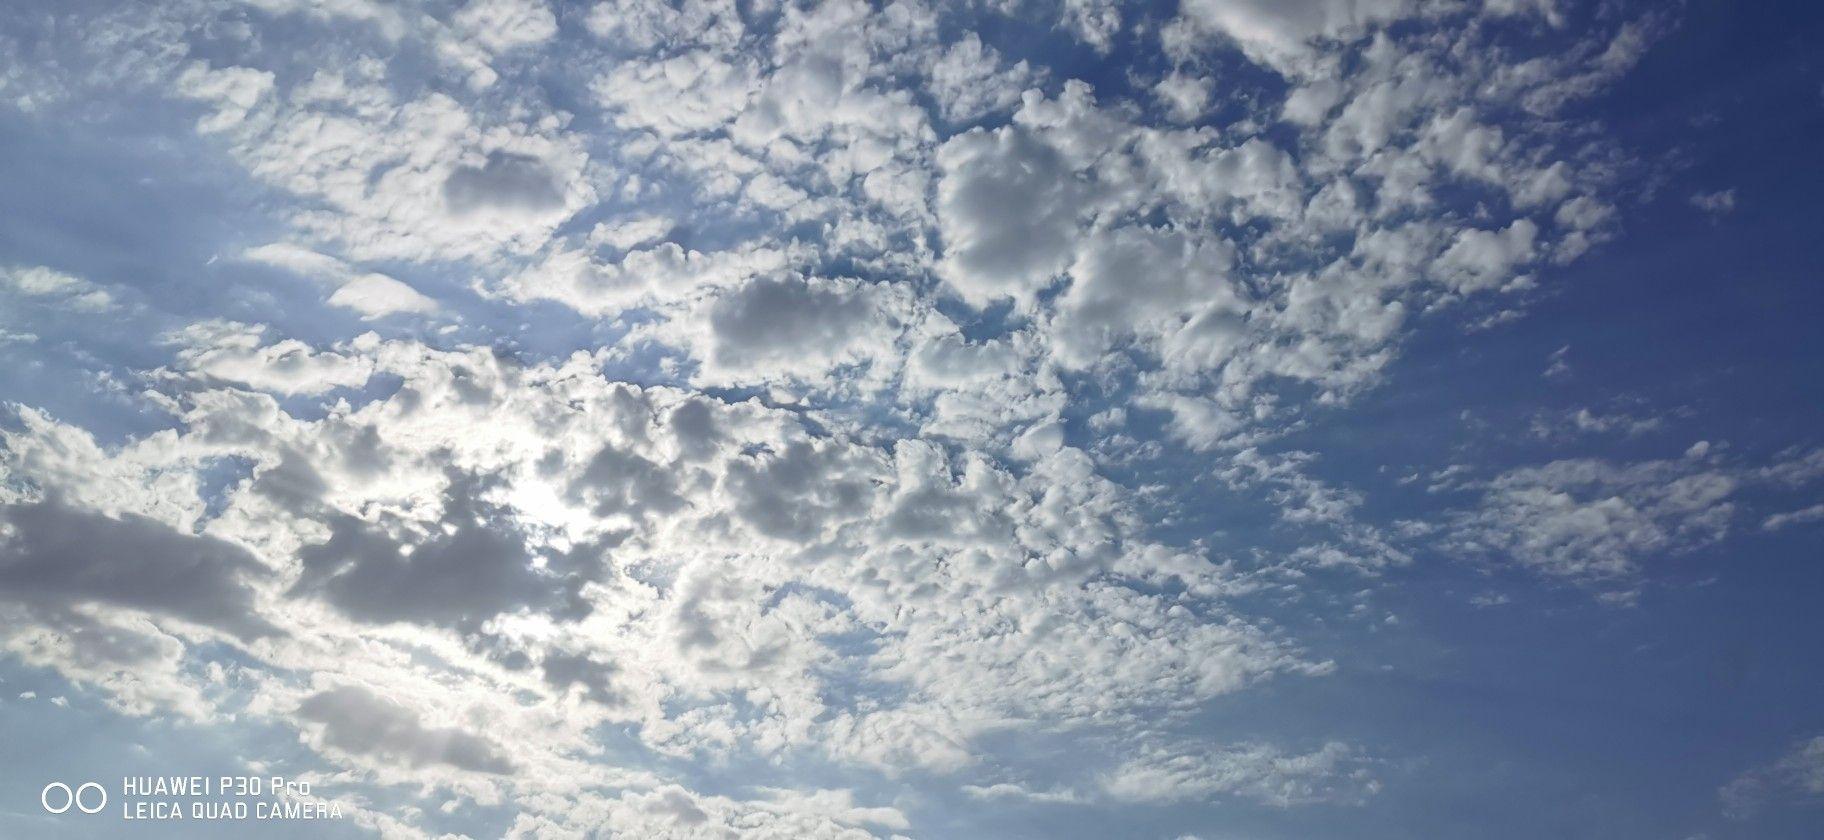 أمل الحسن تصويري Amal Alhassan تصوير جوال جمال سماء غيوم Clouds Outdoor